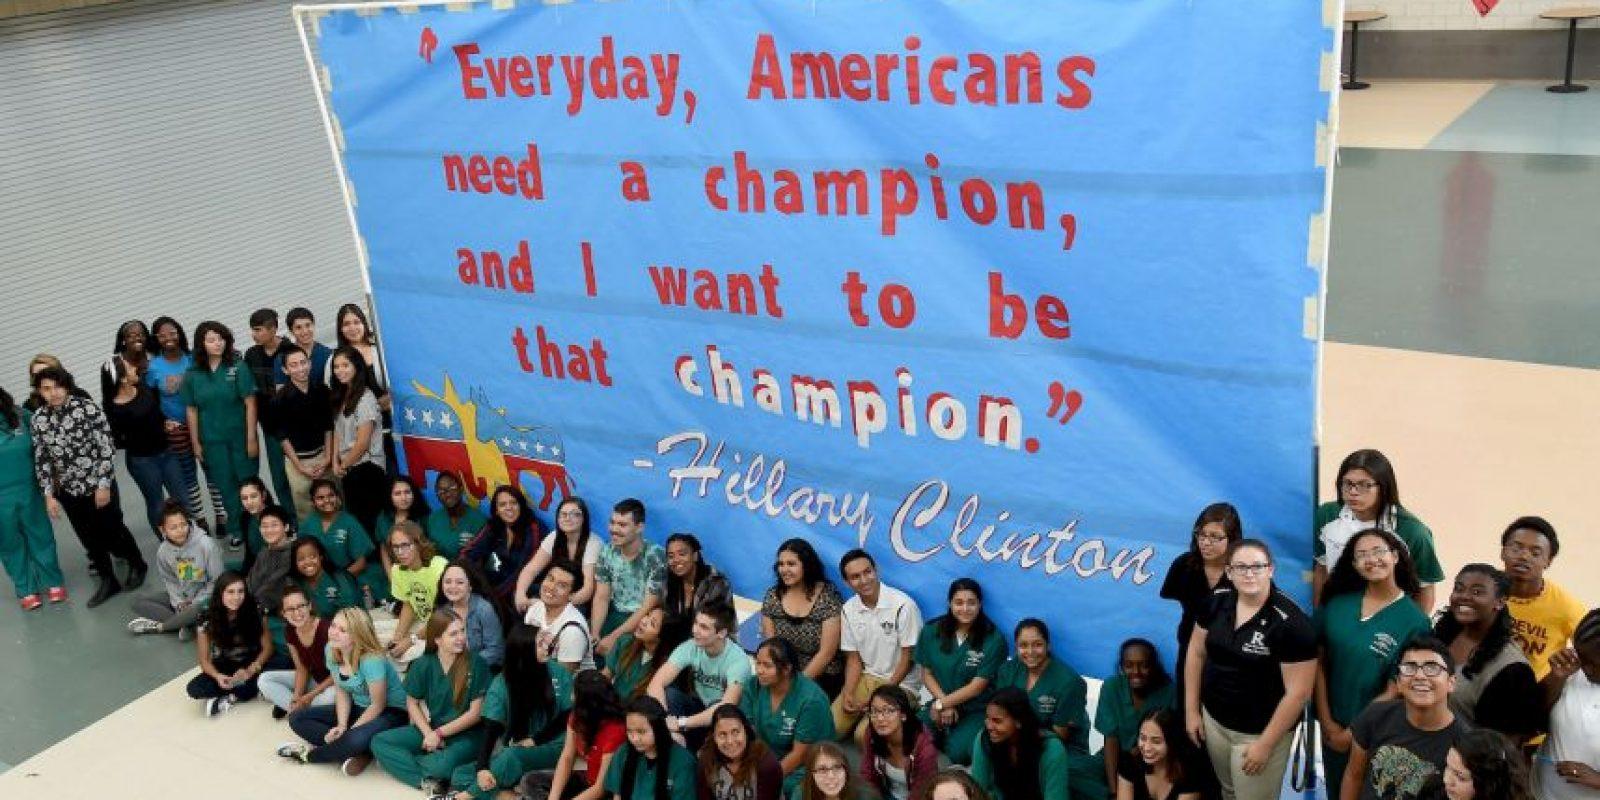 Estudiantes apoyan la candidatura de Clinton Foto:Getty Images